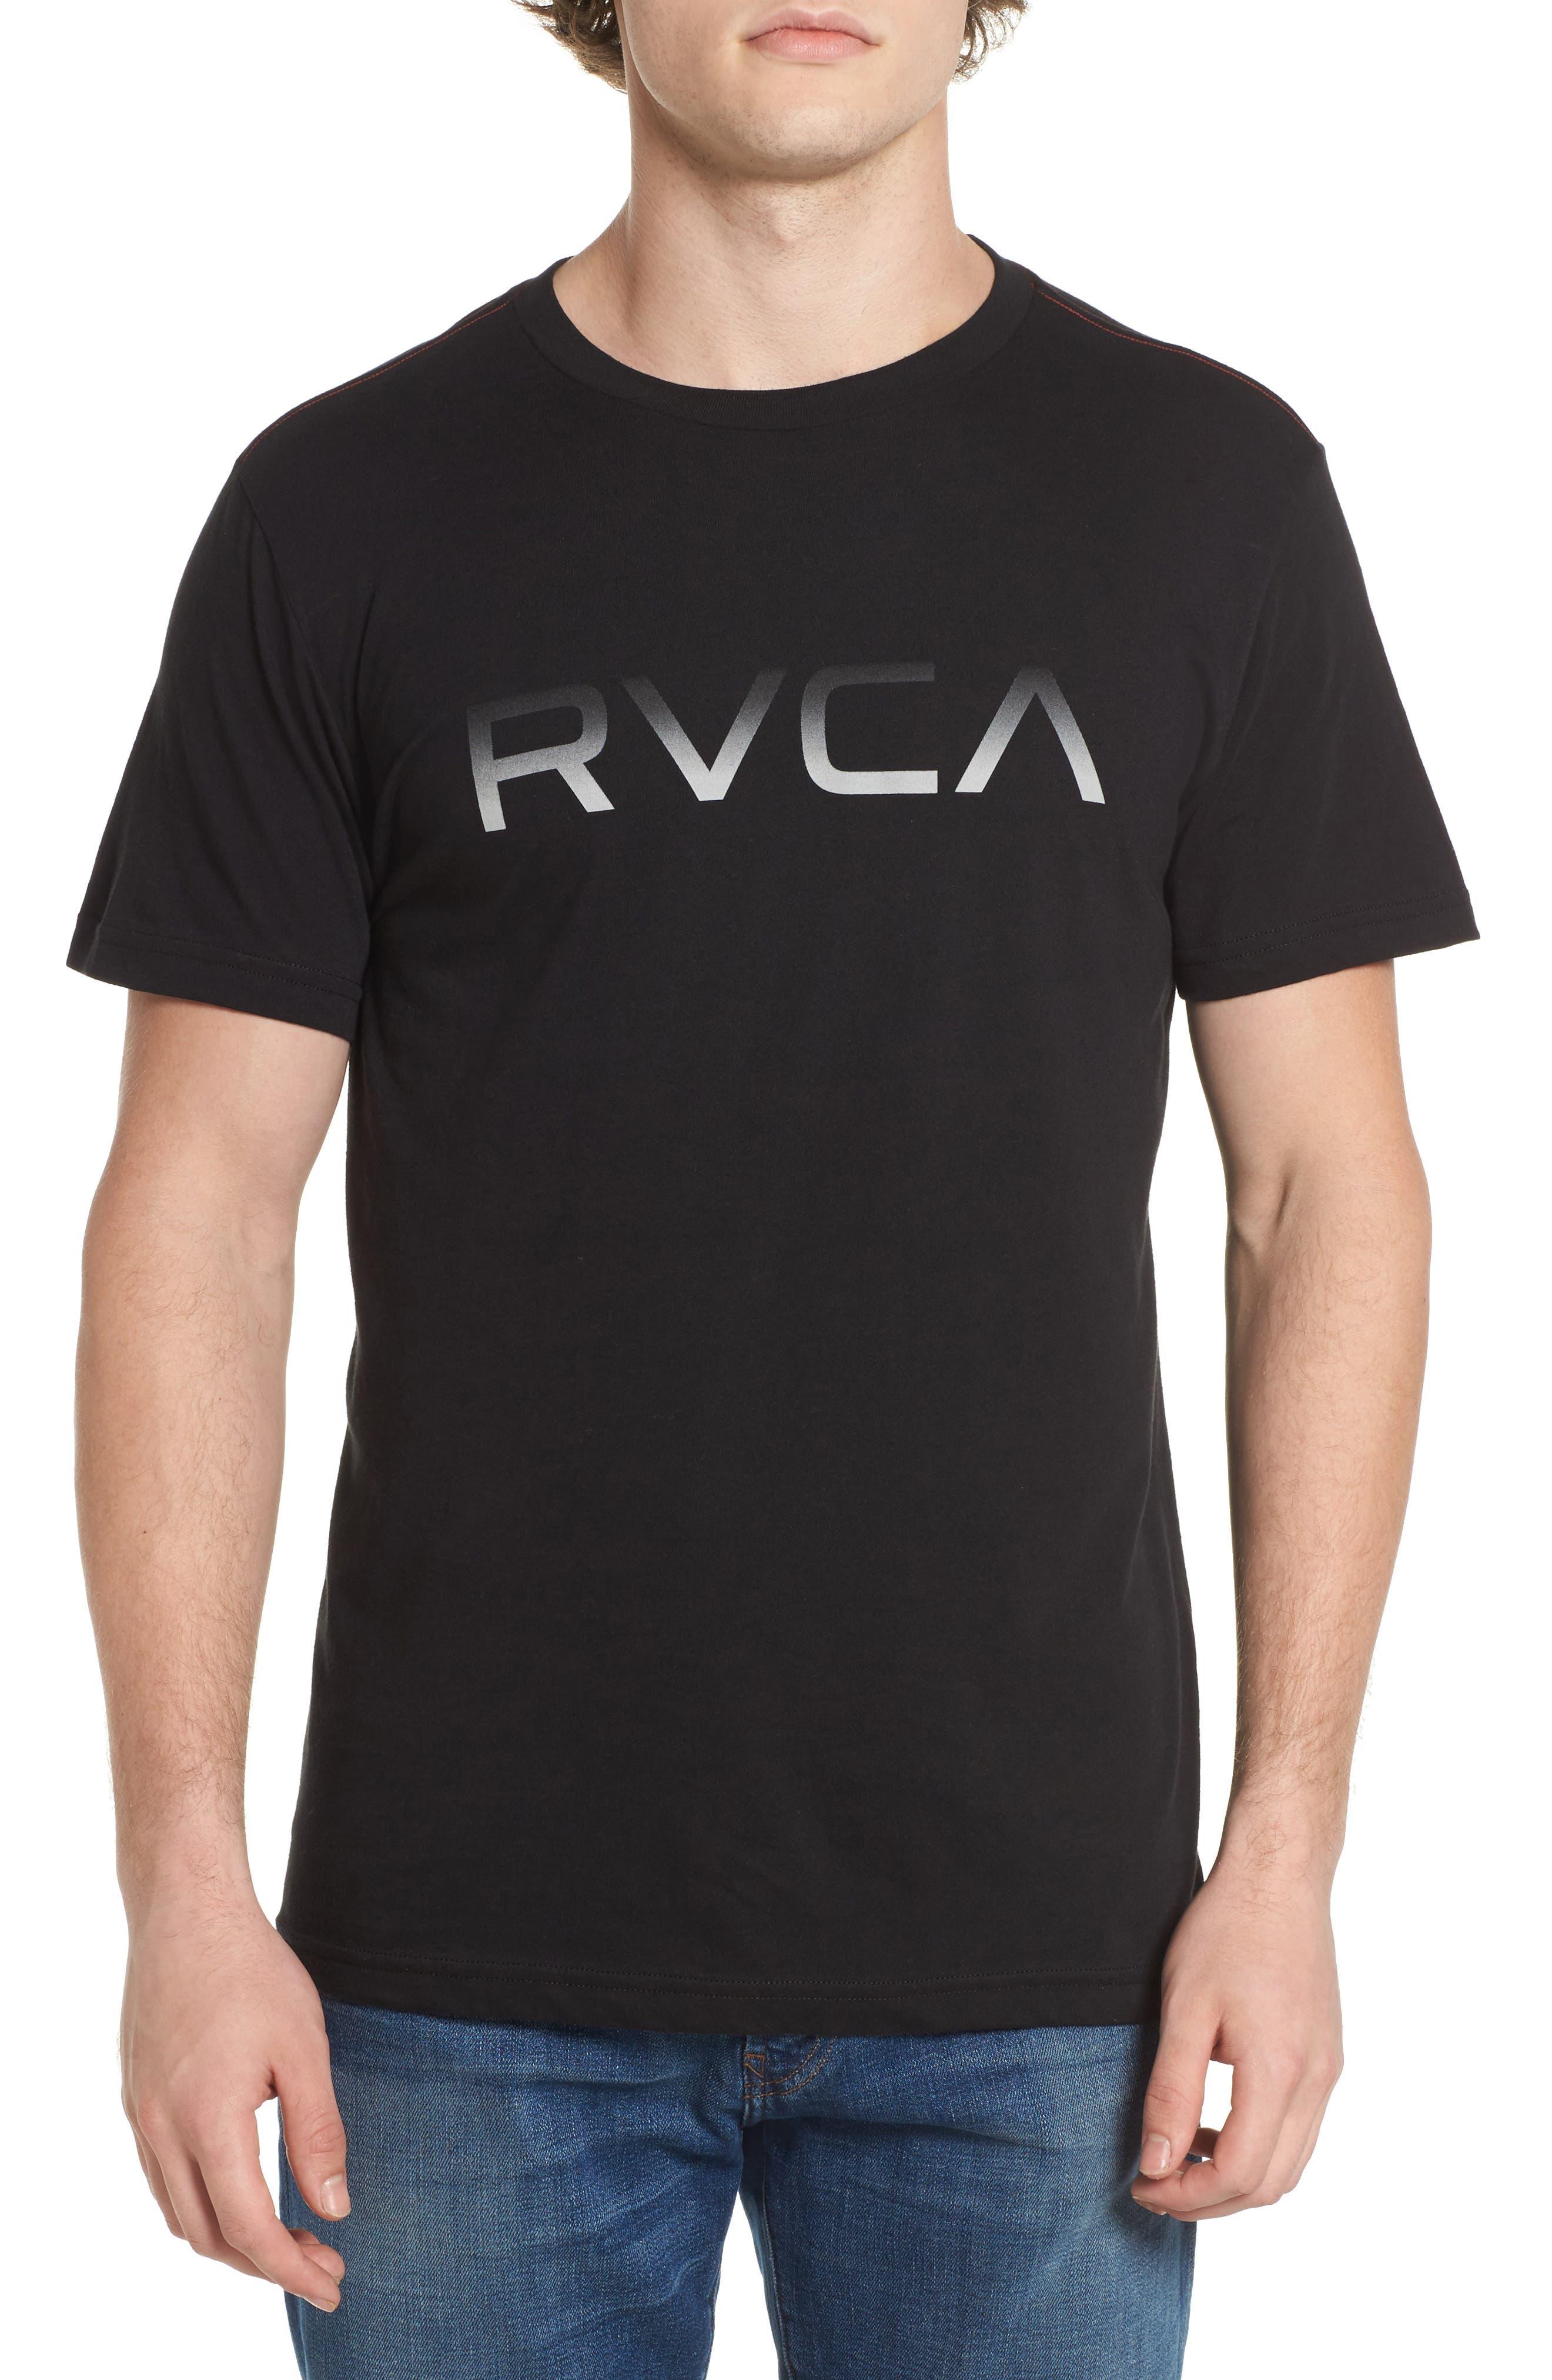 Main Image - RVCA Big RVCA Gradient Logo T-Shirt